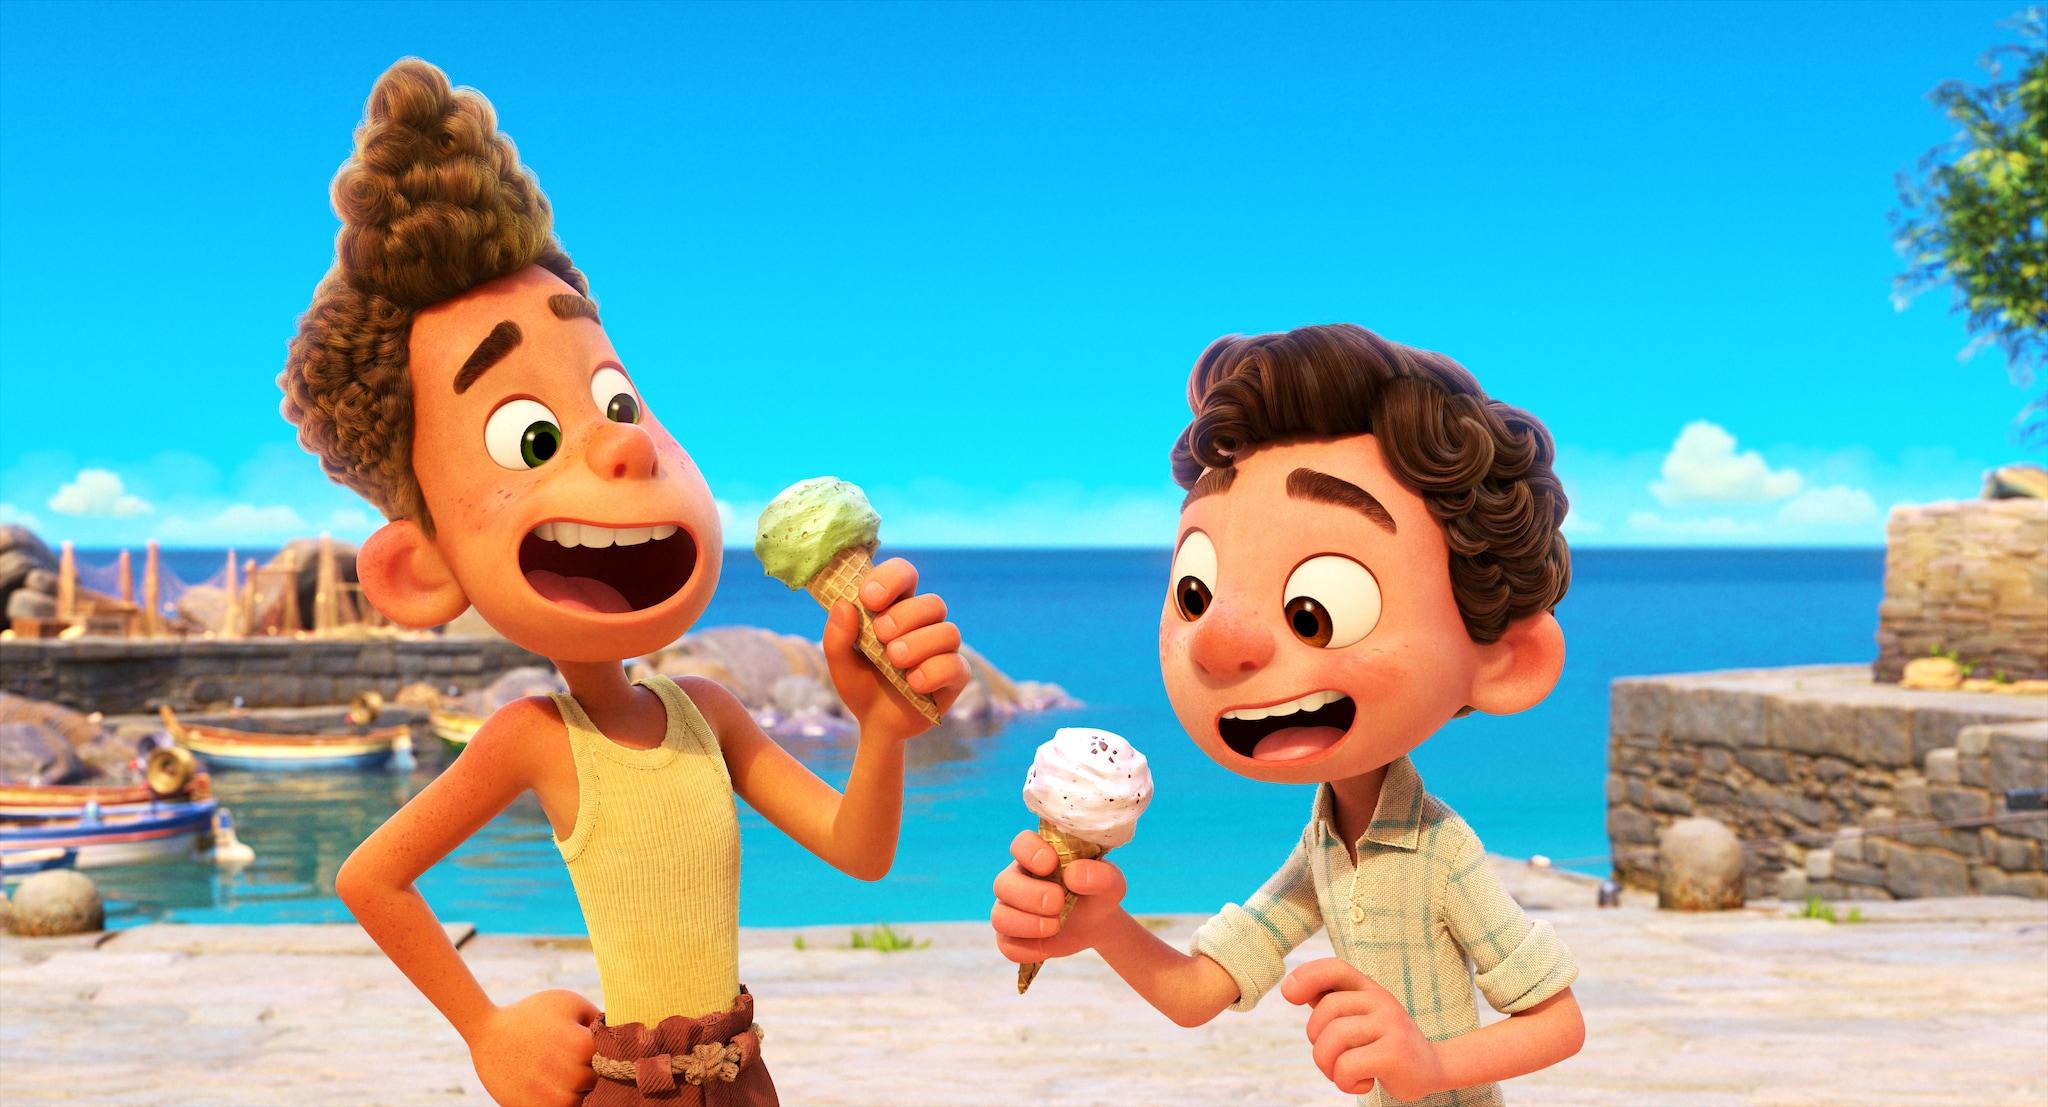 Come si mangia in Luca, il nuovo film Pixar ambientato alle Cinque Terre